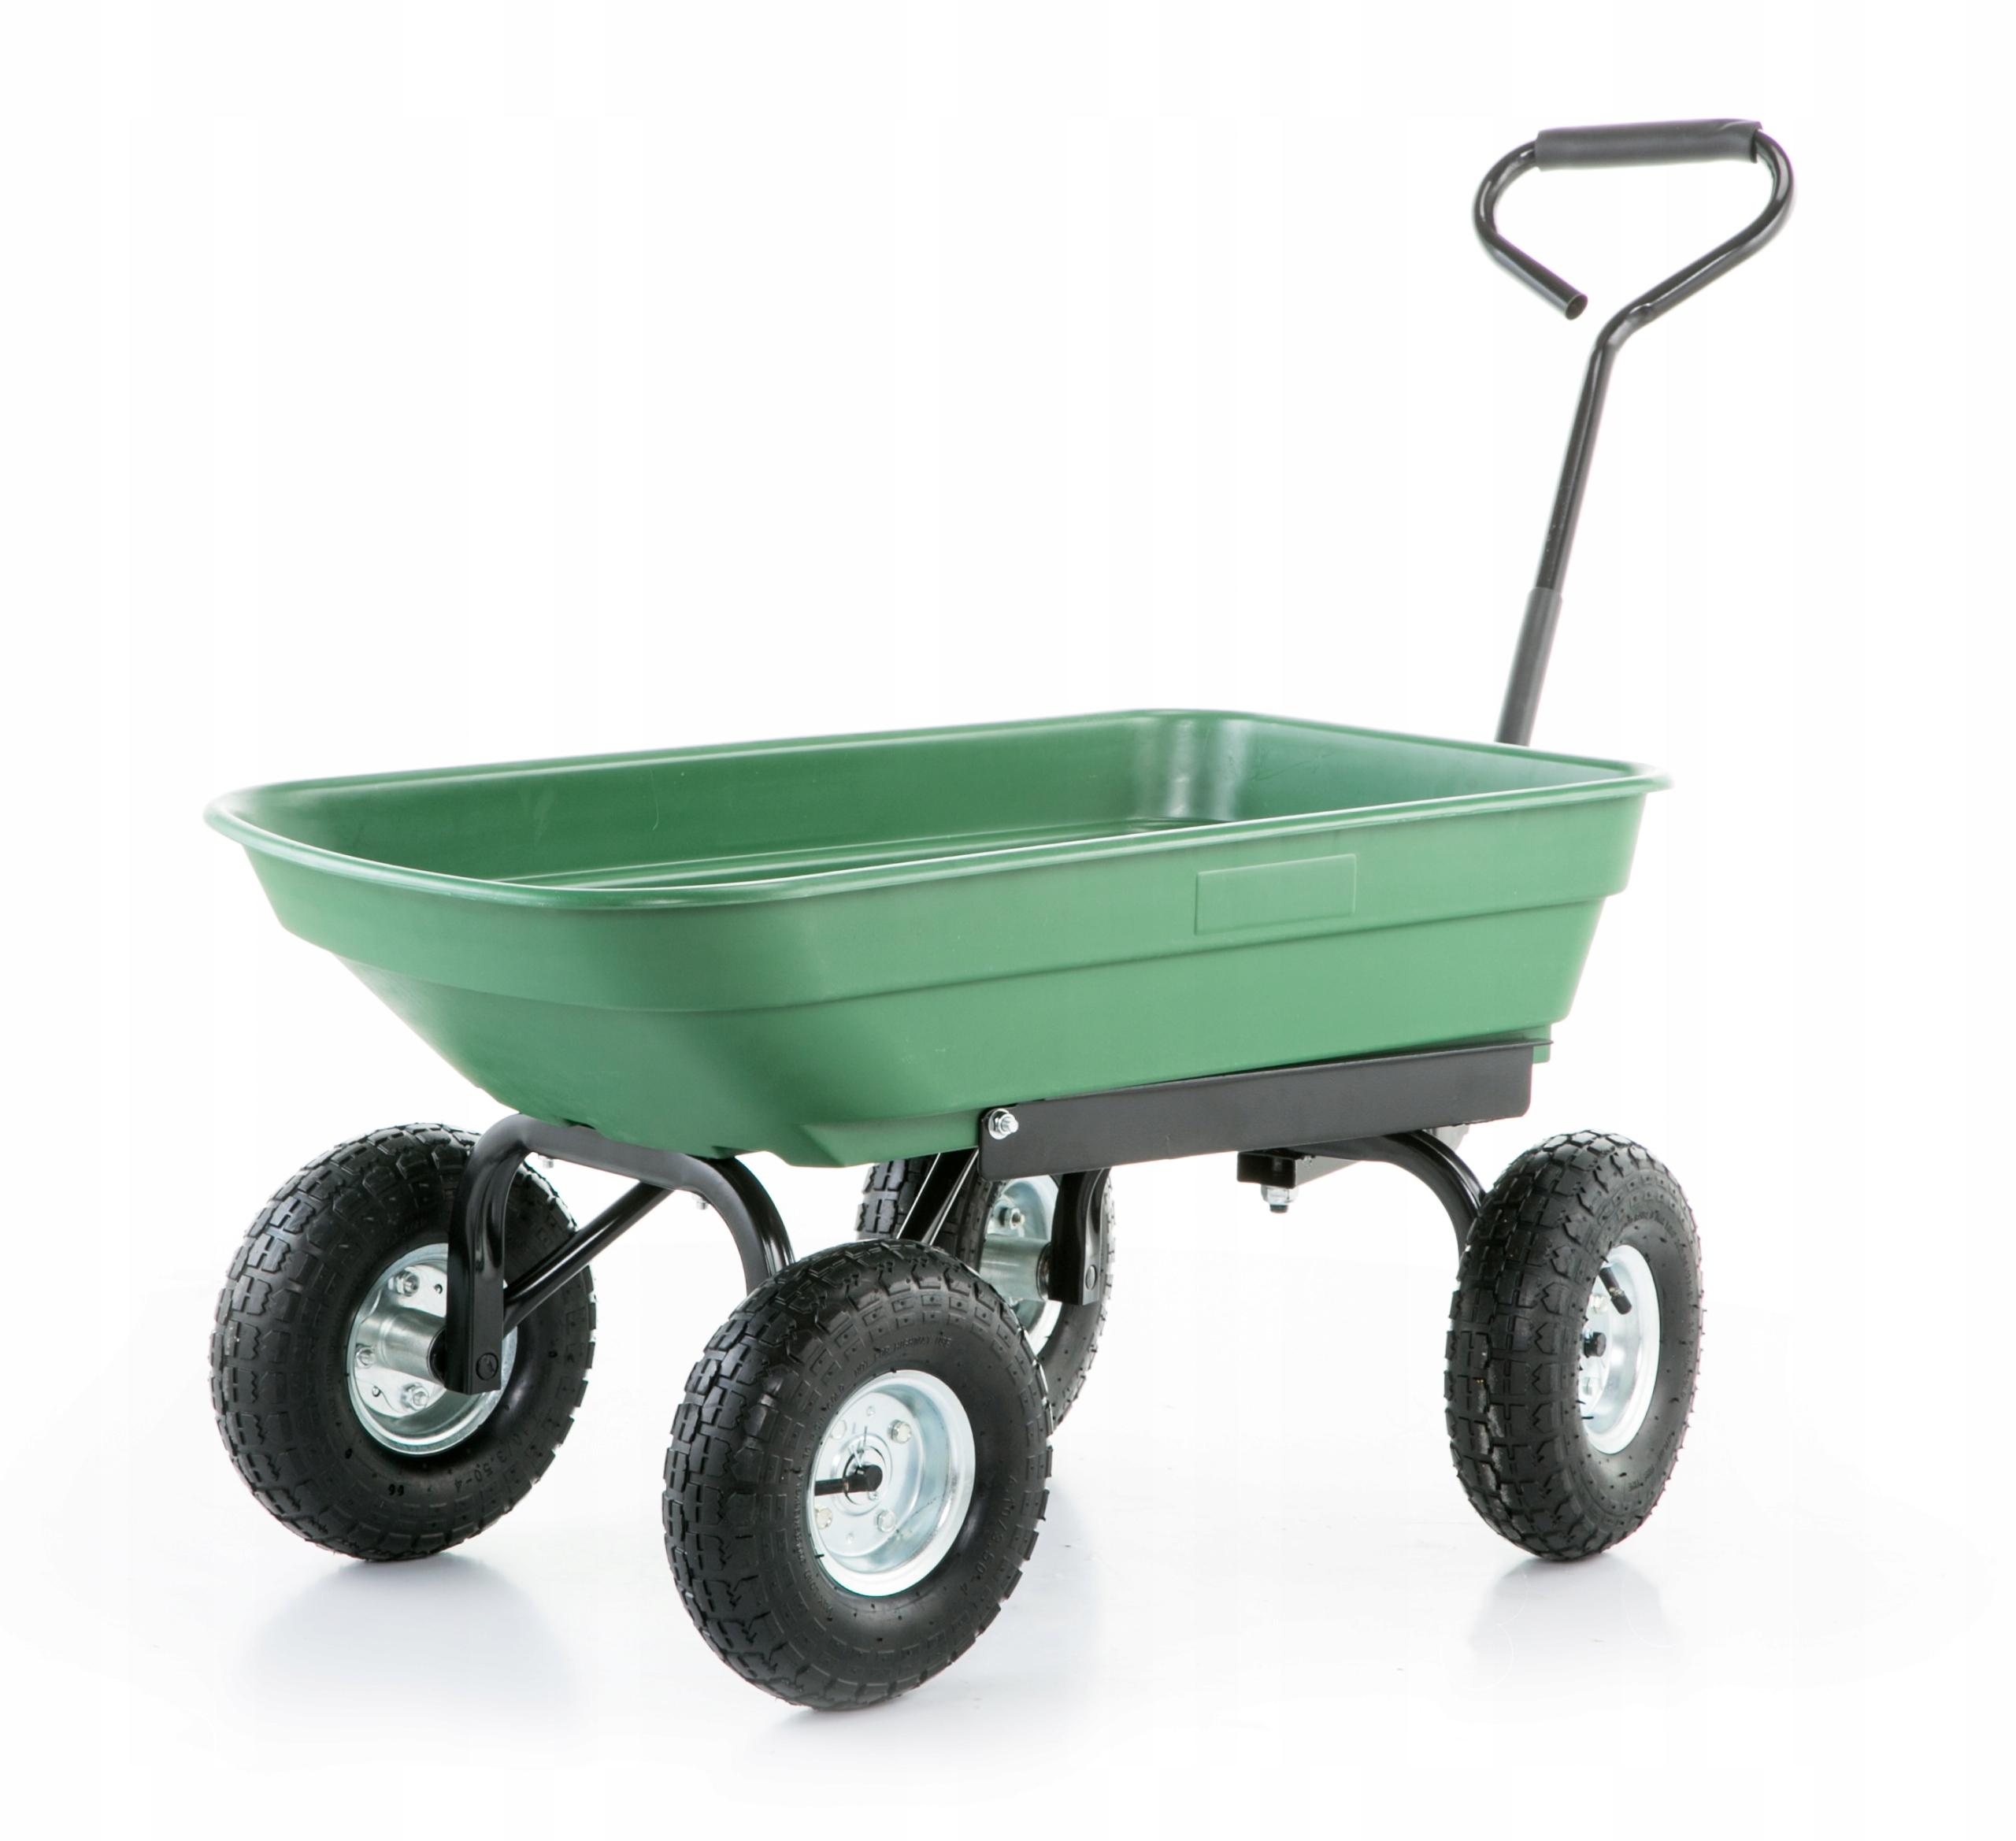 Talicska kerti szállító kocsi billenős 350 kg Kerekek száma 4